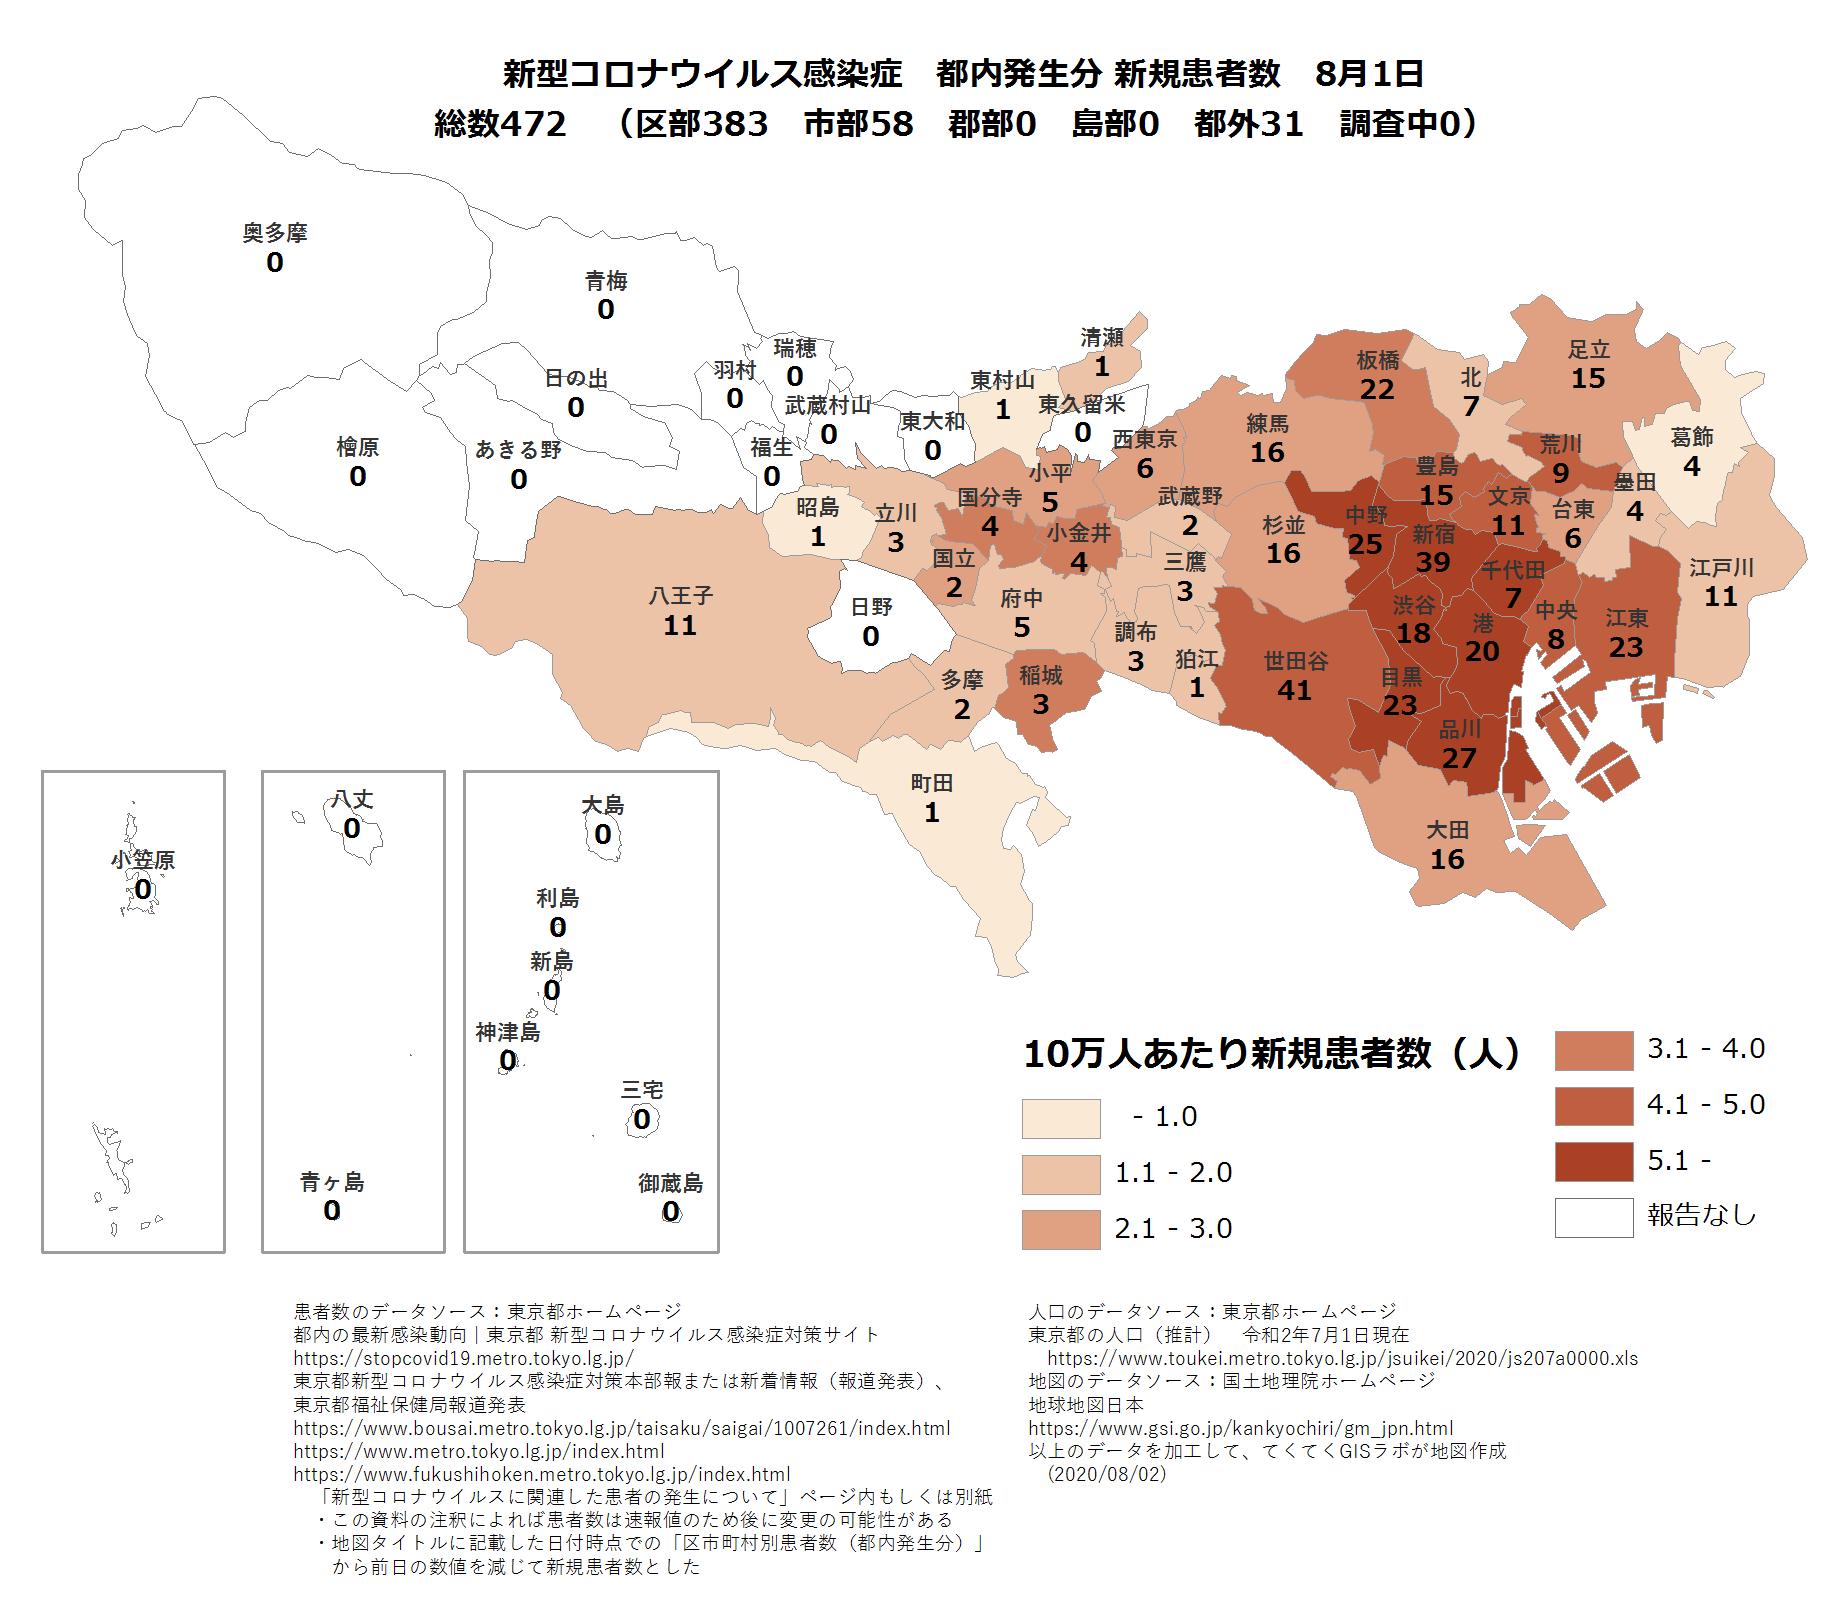 市区町村ごと新規患者数8月1日東京